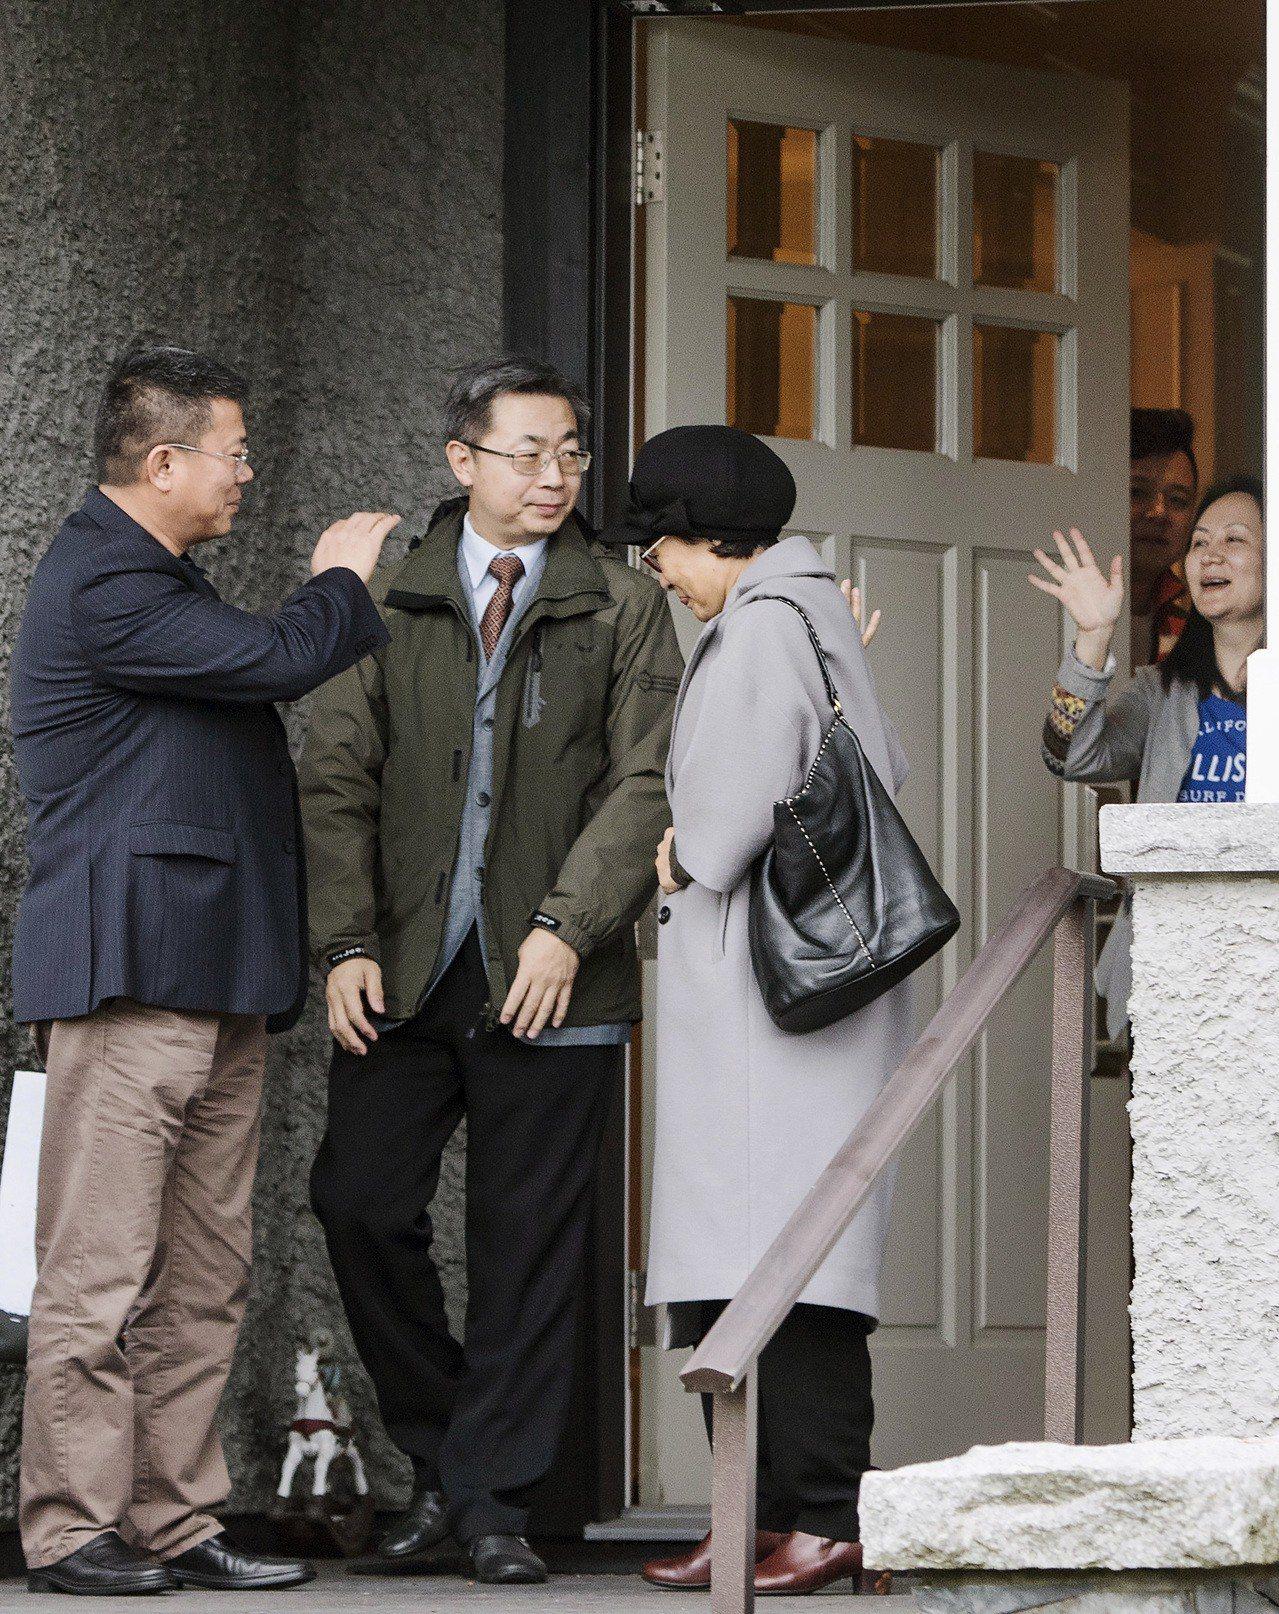 官送暖/孟晚舟被保釋首日 中國駐溫哥華總領事探訪 美聯社